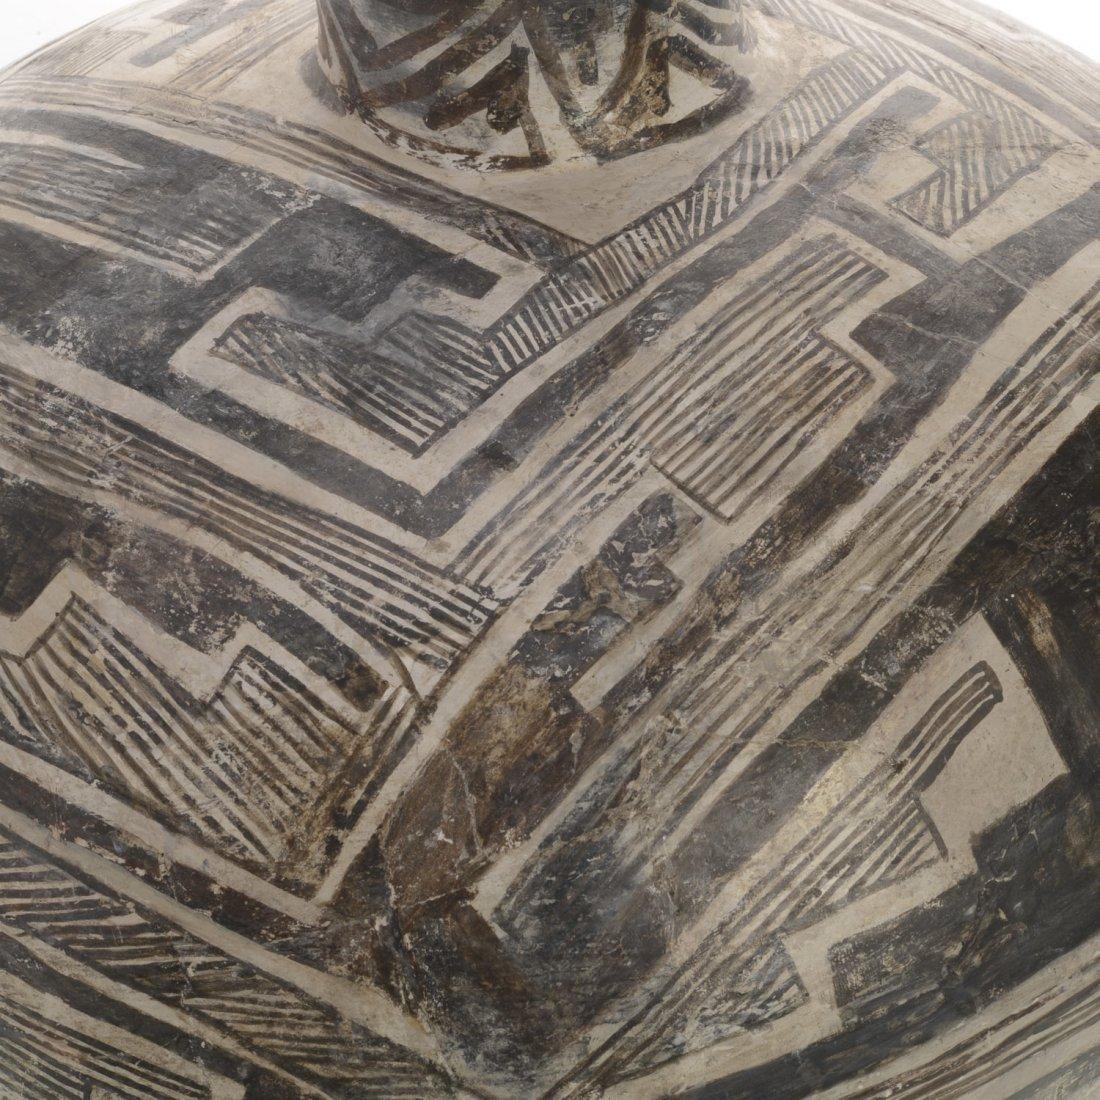 Large Anasazi earthenware Olla - 2